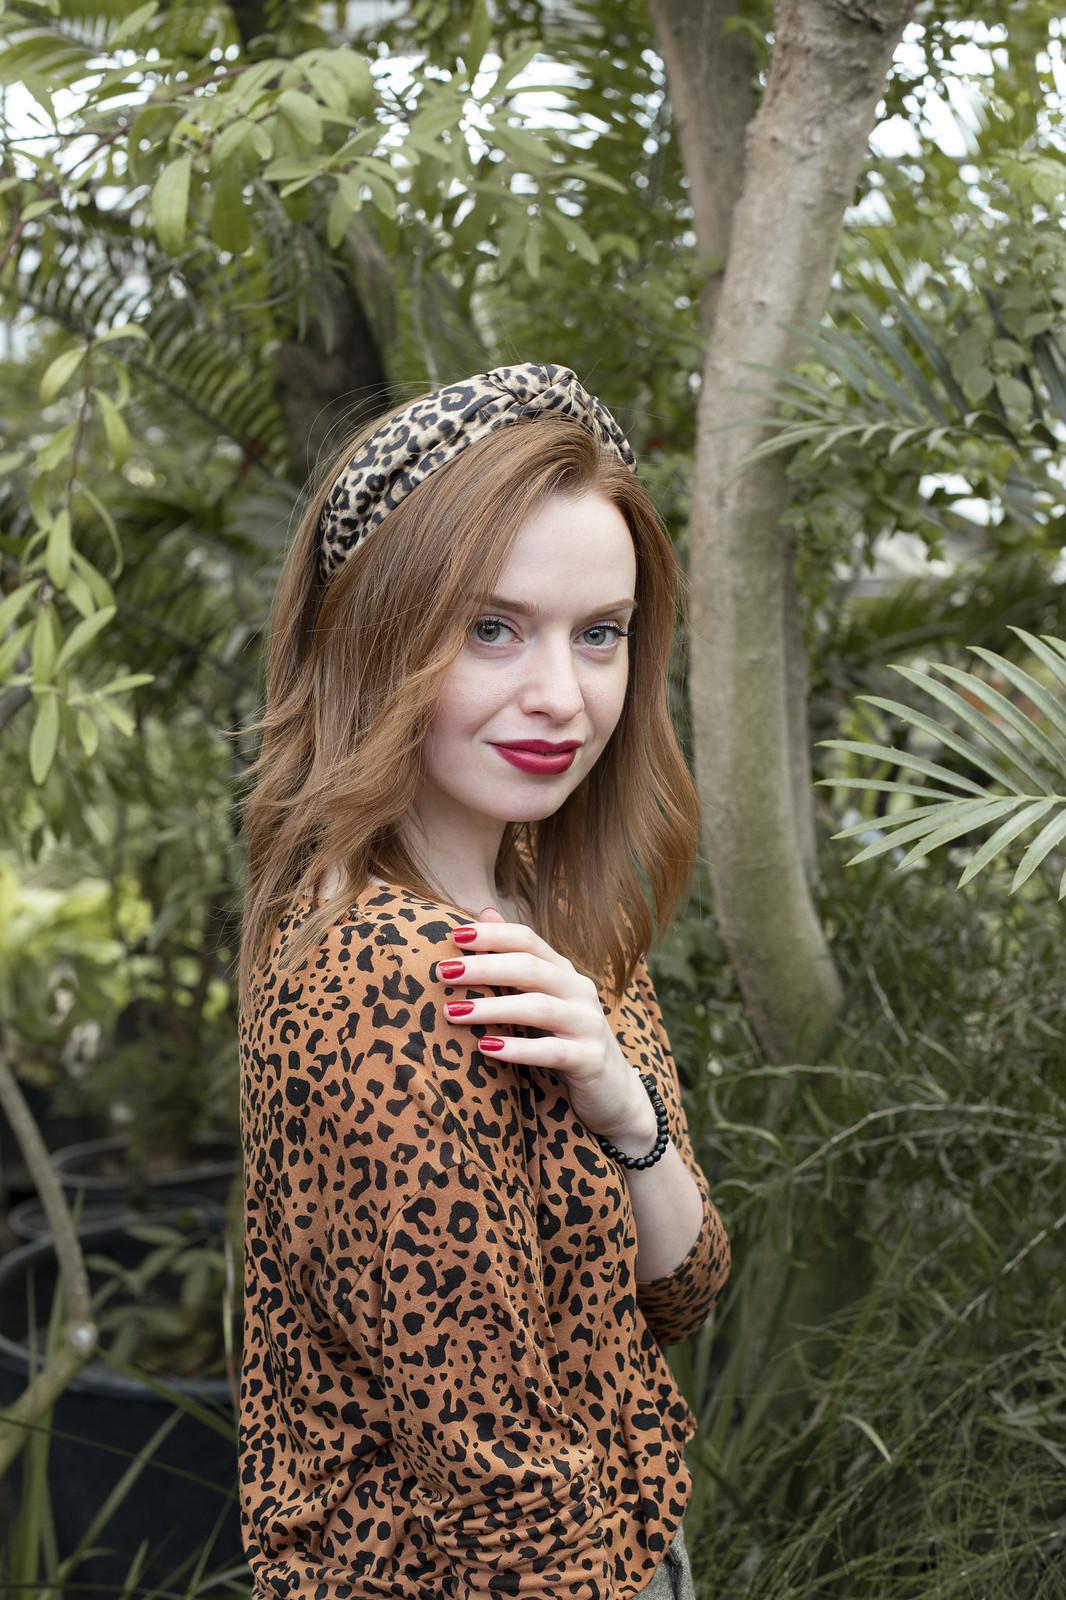 Jungle_Олеся